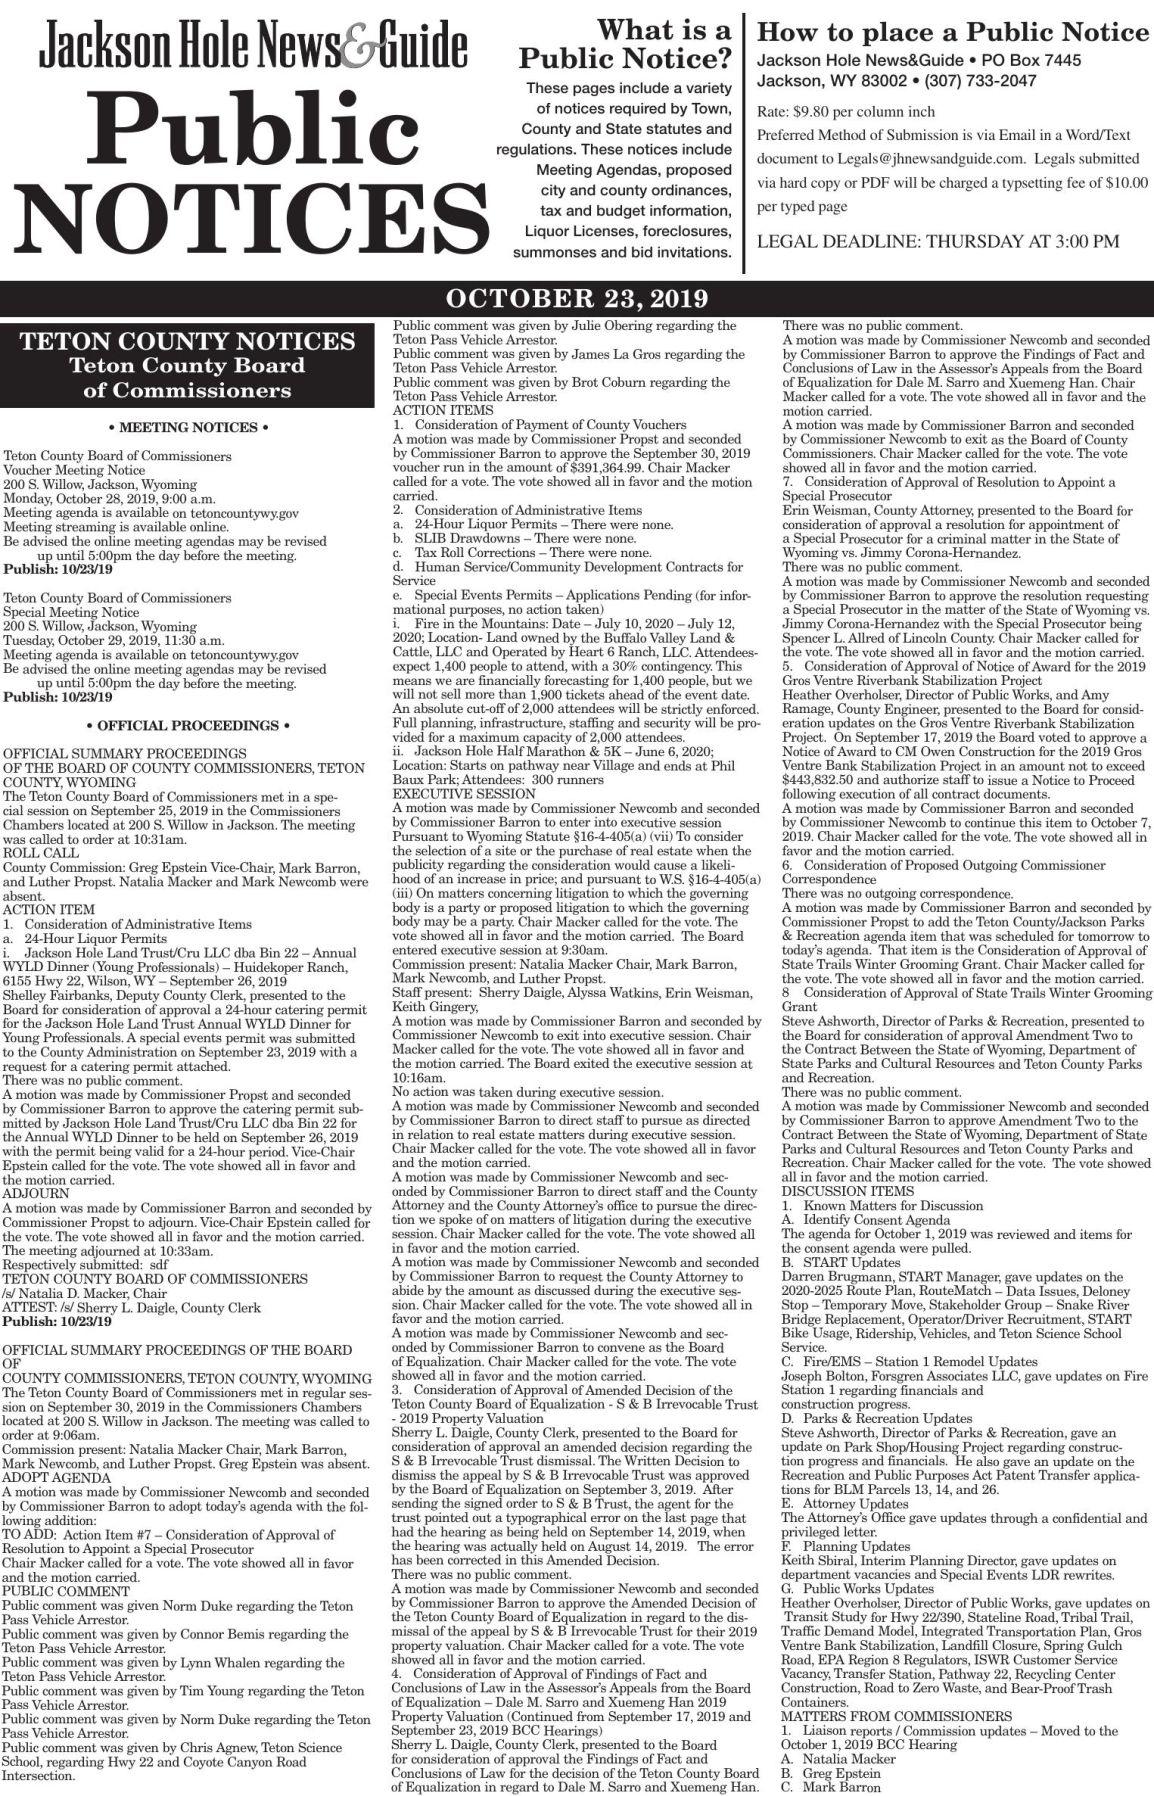 Public Notices, October 23, 2019